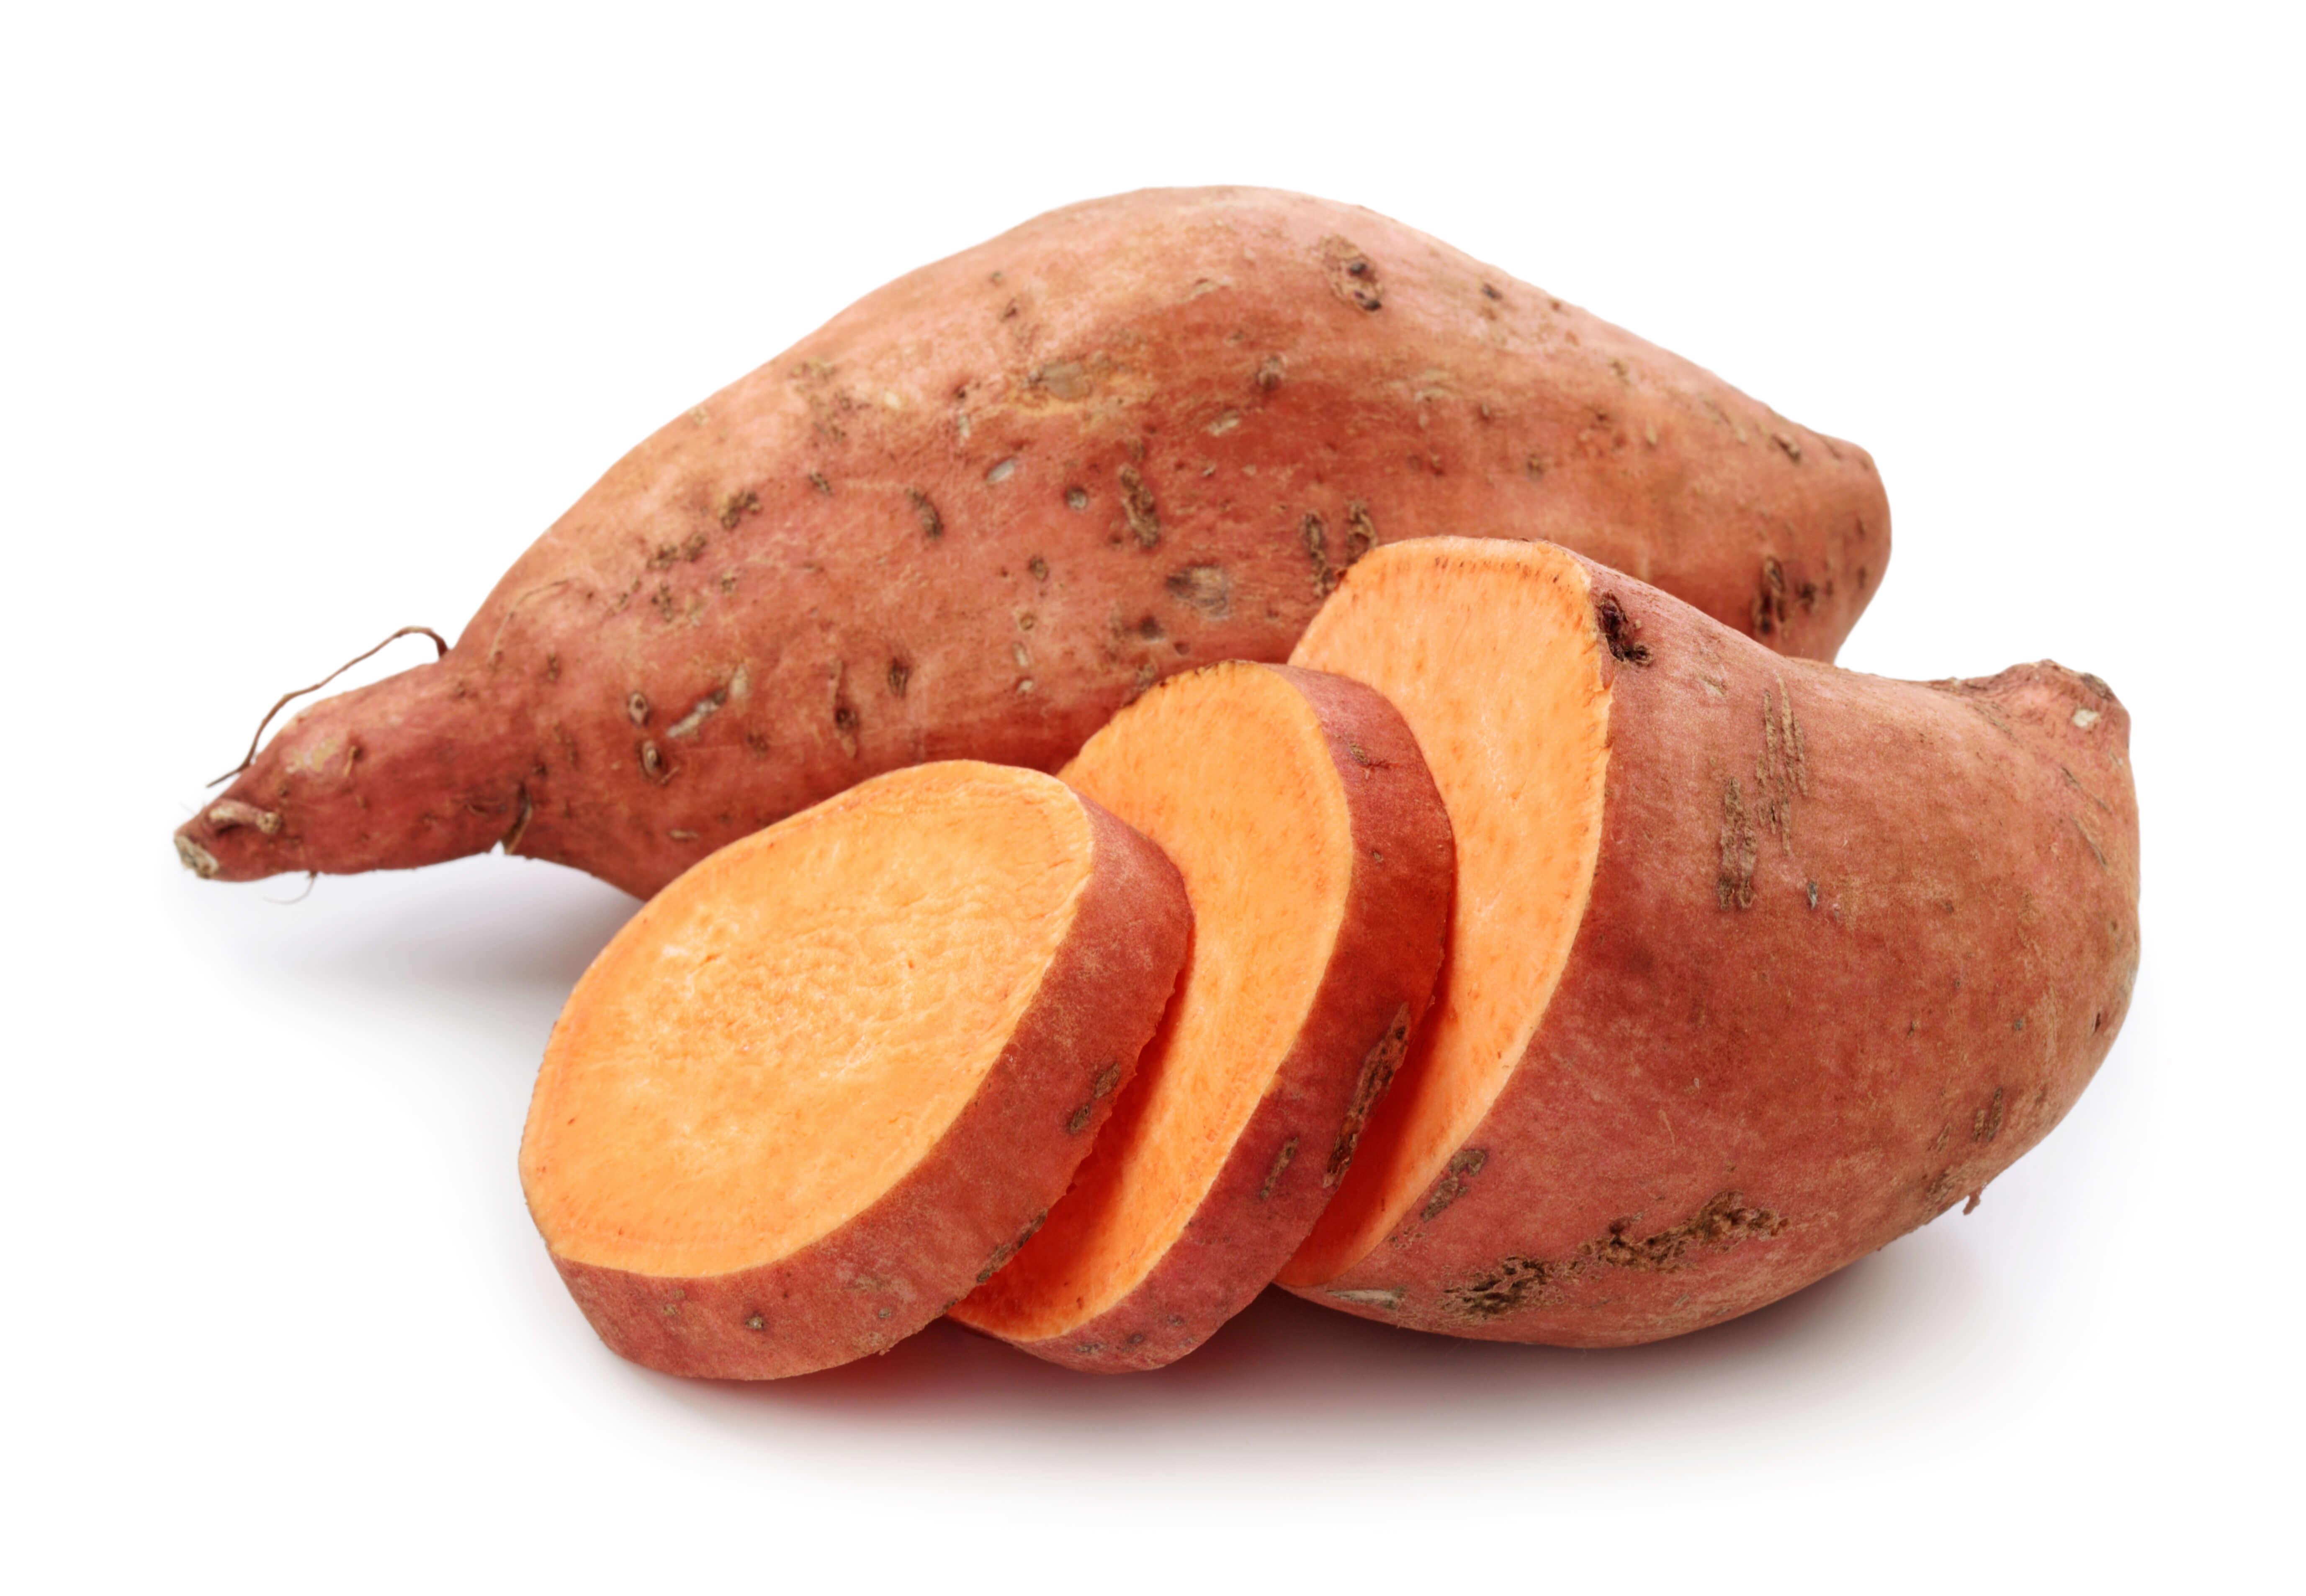 sweet potato slices